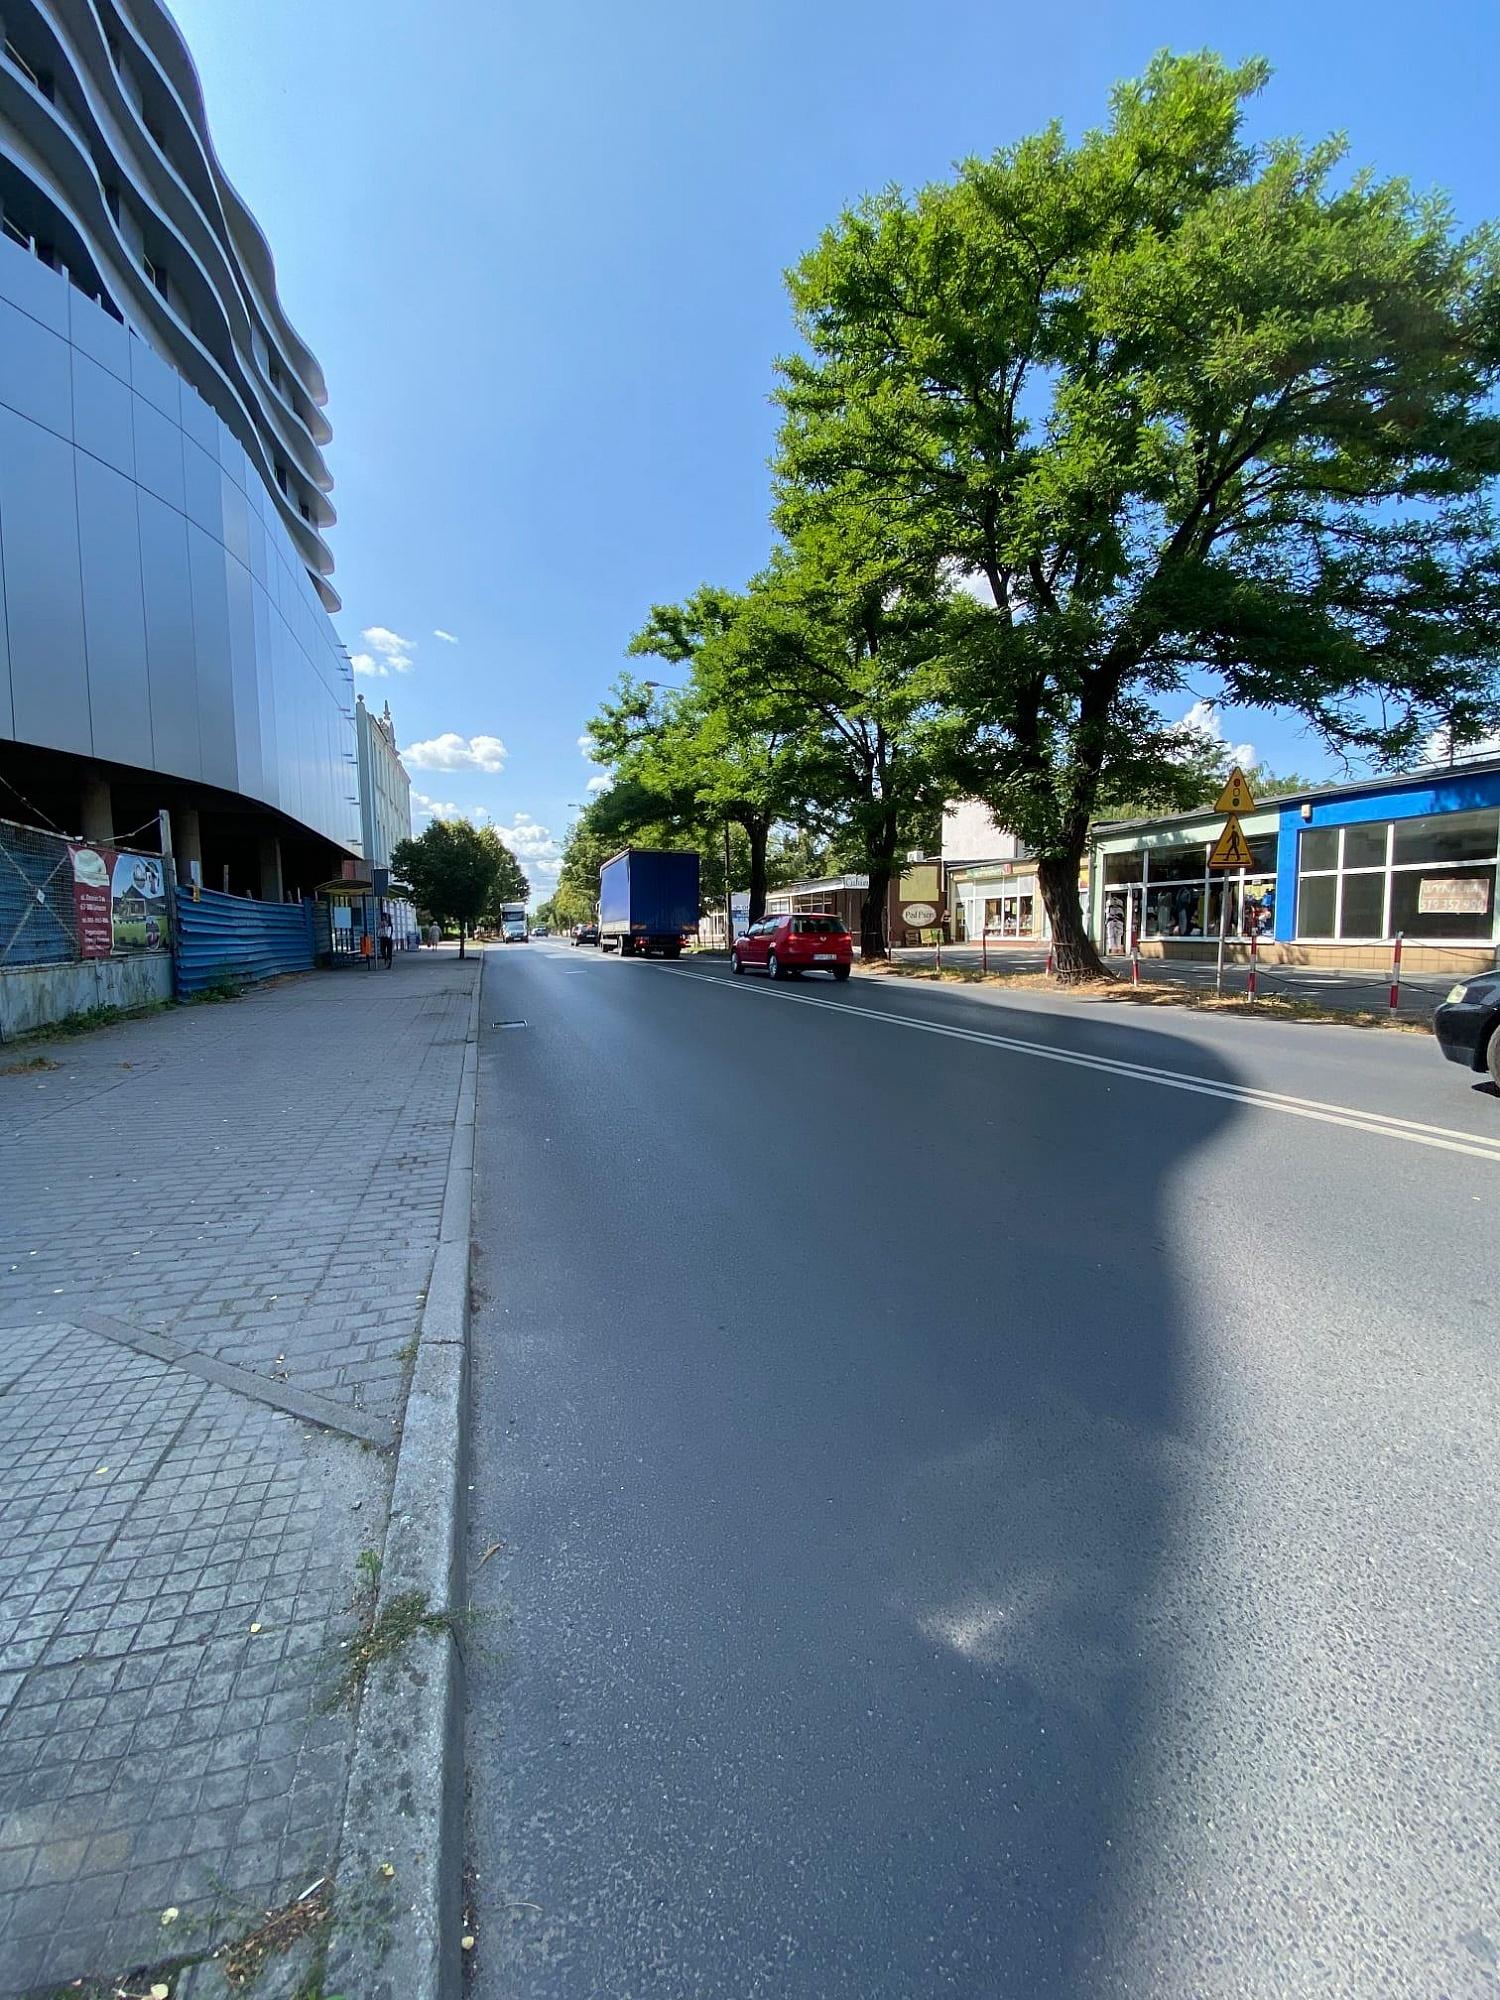 Spore zmiany na ul. Roosevelta! Nowe ścieżki rowerowe i przystanki wiedeńskie!